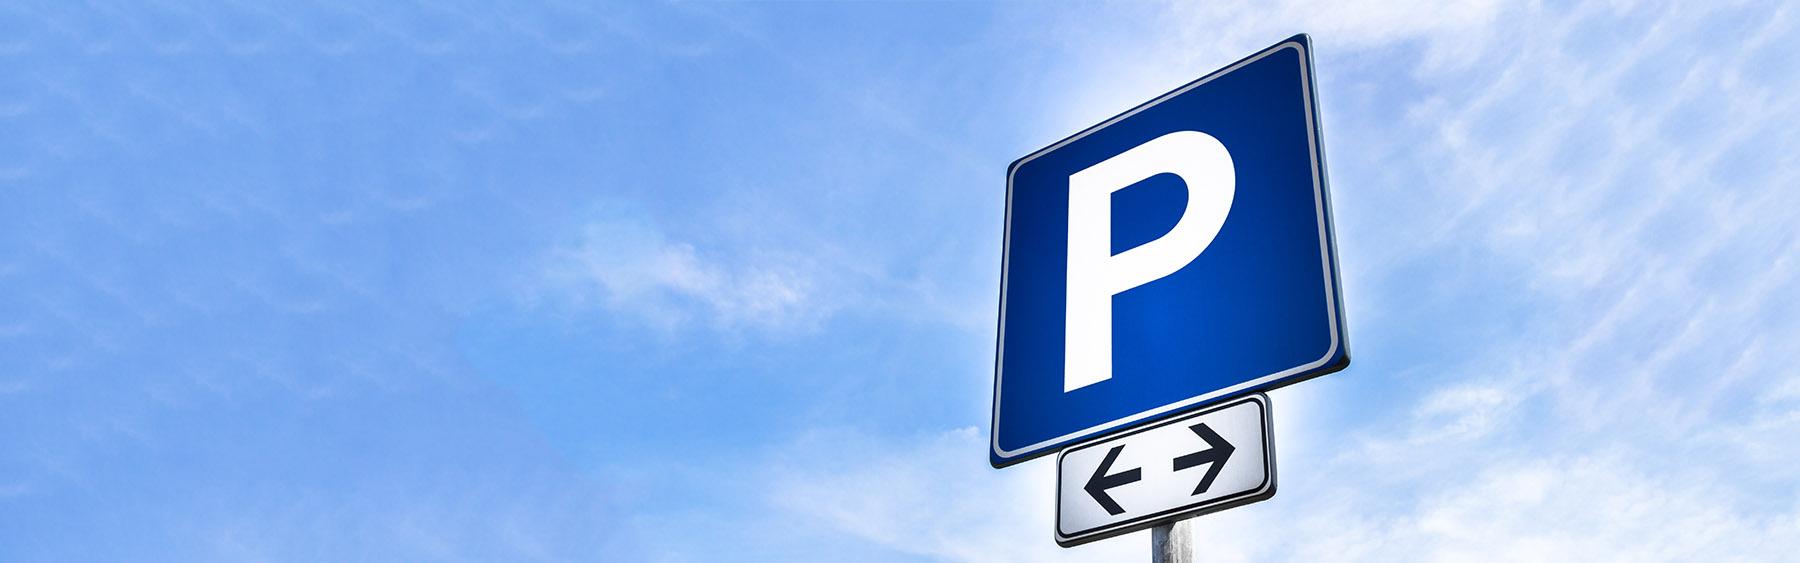 Parking Response